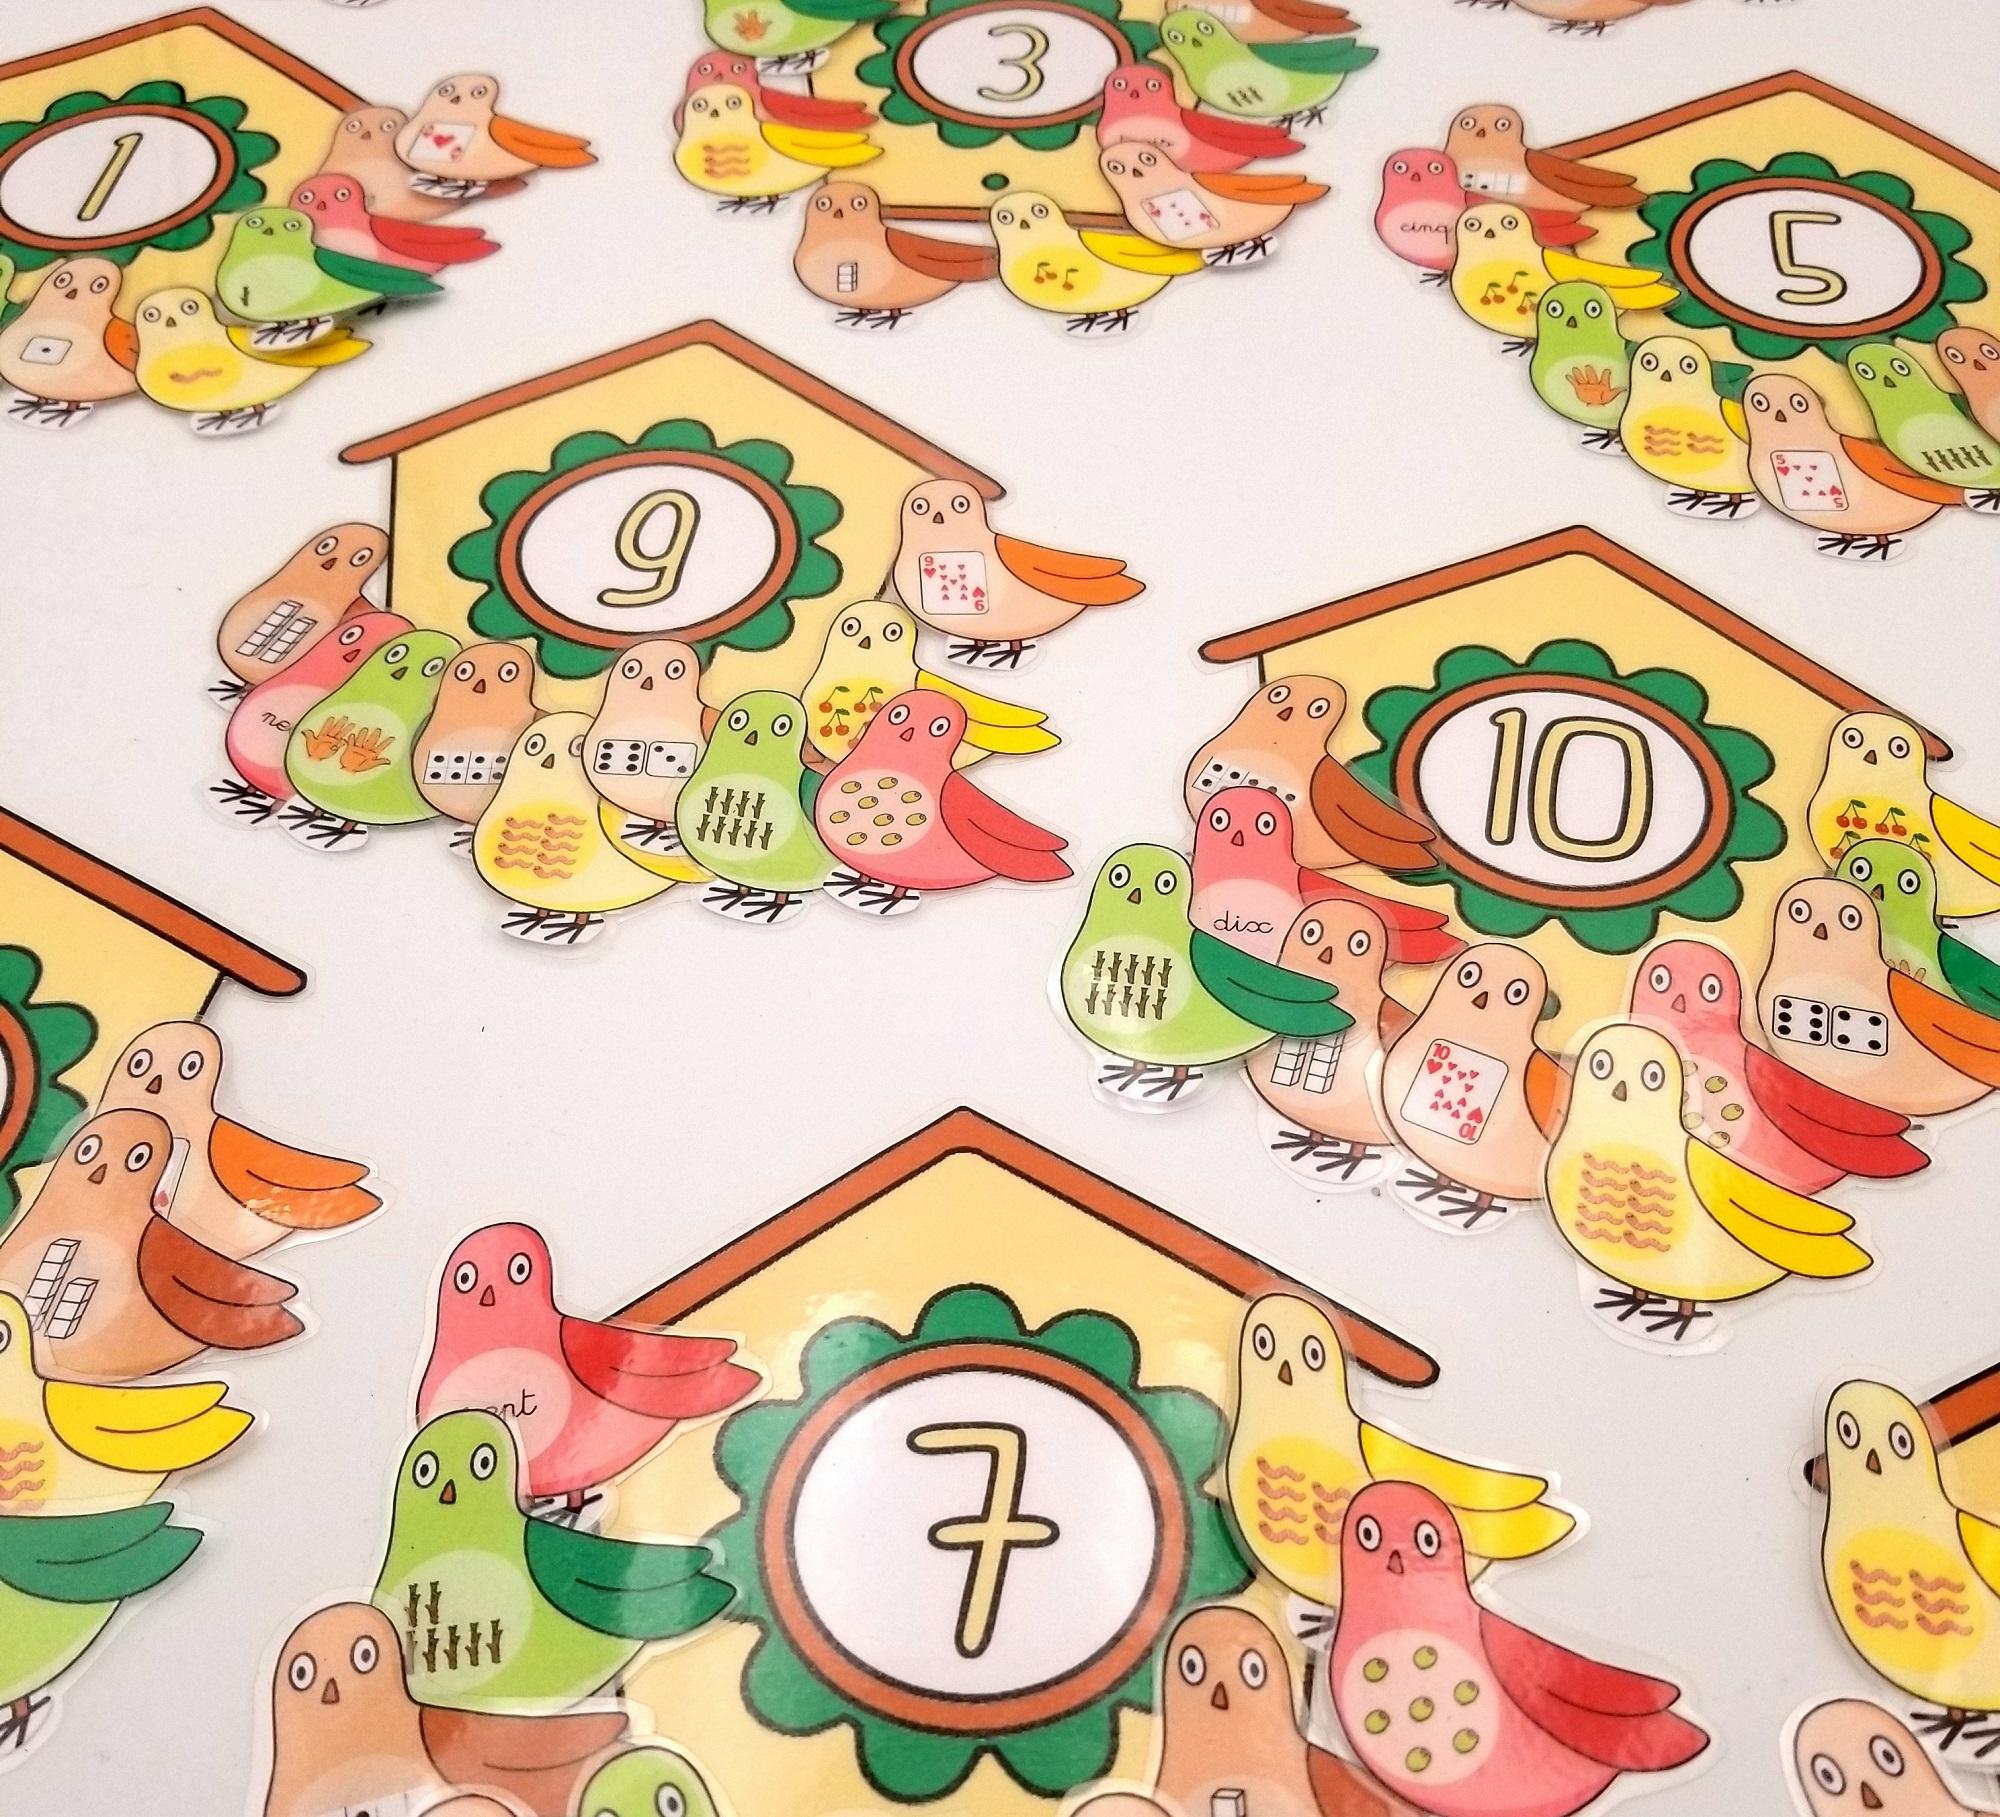 associer les oiseaux a leur nichoir jeu de correspondance mathématiques, jeu association nombre